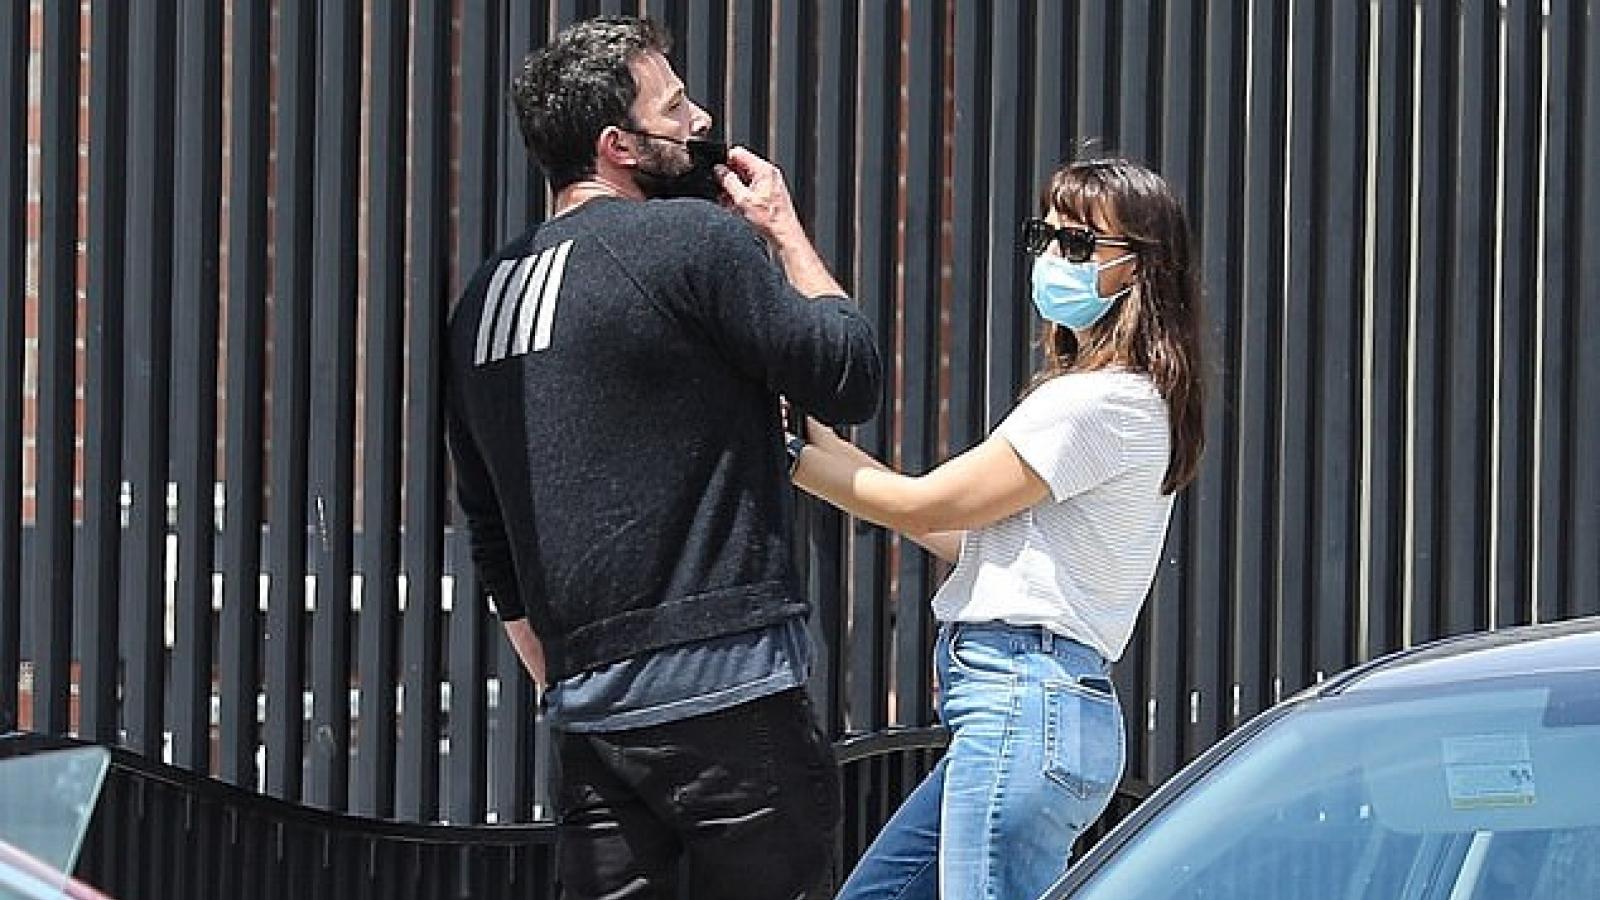 Ben Affleck trò chuyện thân mật cùng vợ cũ Jennifer Garner